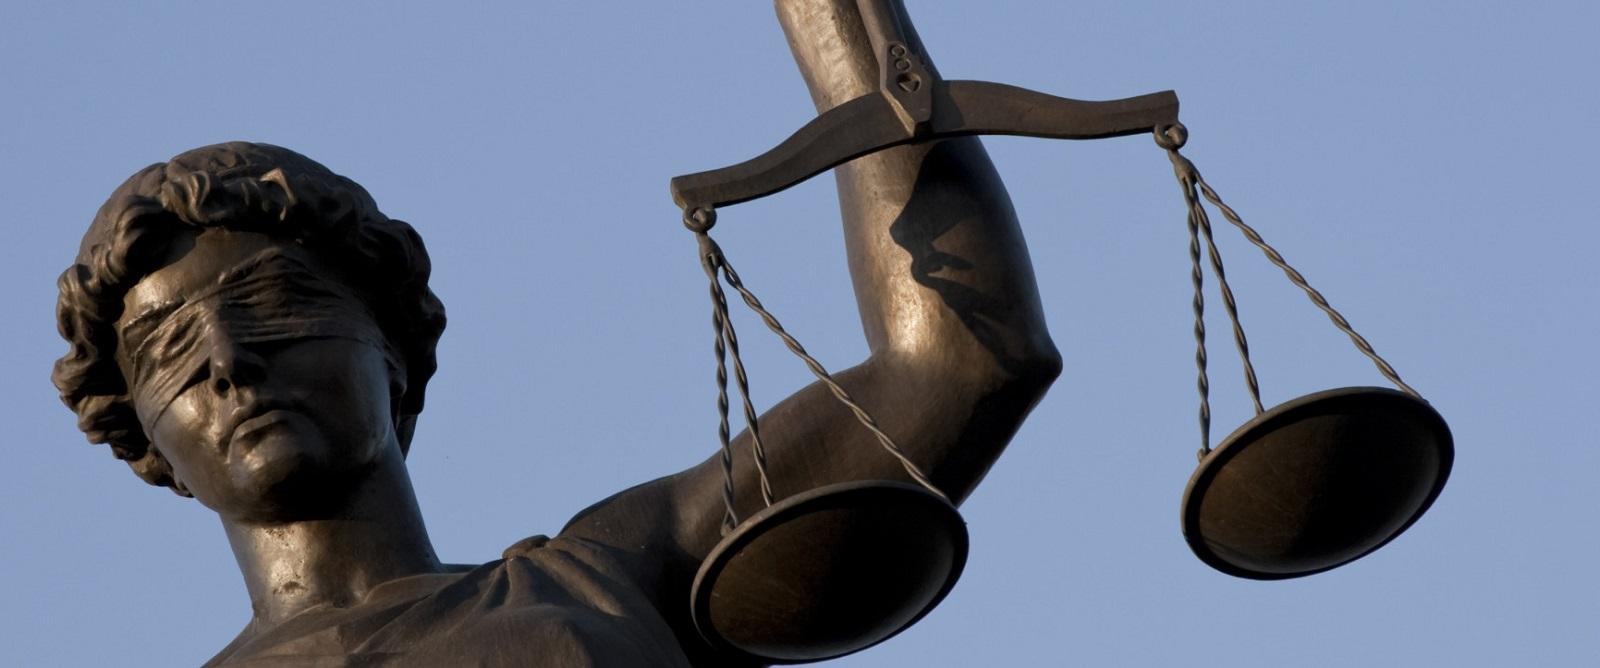 Defensoria Pública vai à Justiça contra o INSS